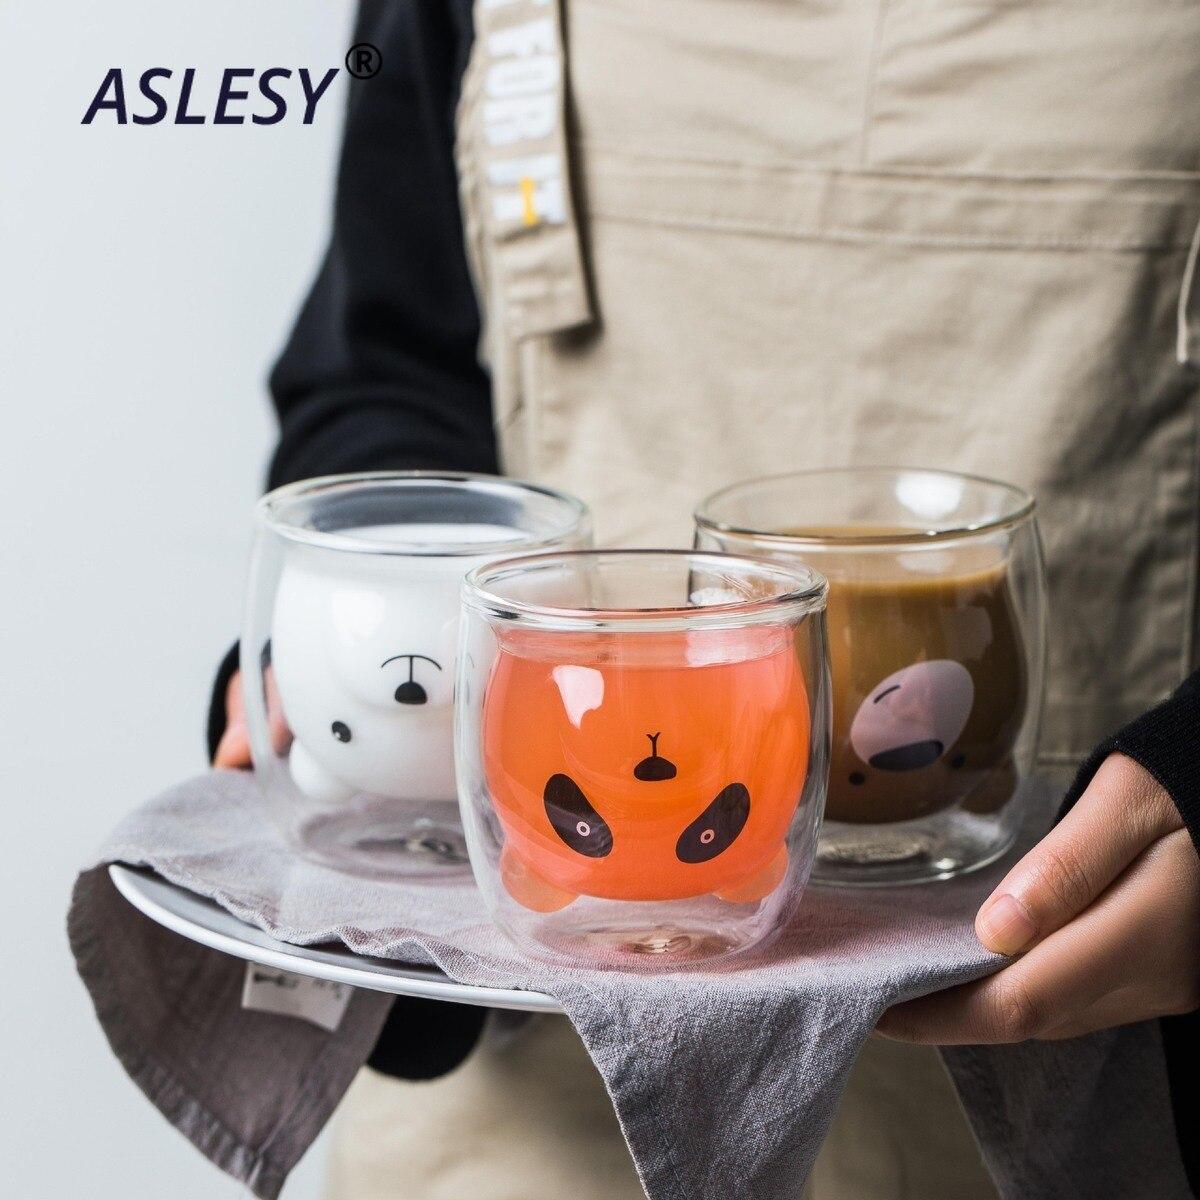 귀여운 곰 모양의 이중 벽 유리 머그잔 내성 쿵후 차 머그잔 우유 레몬 주스 컵 Drinkware 어린이 애호가 커피 컵 머그잔 선물